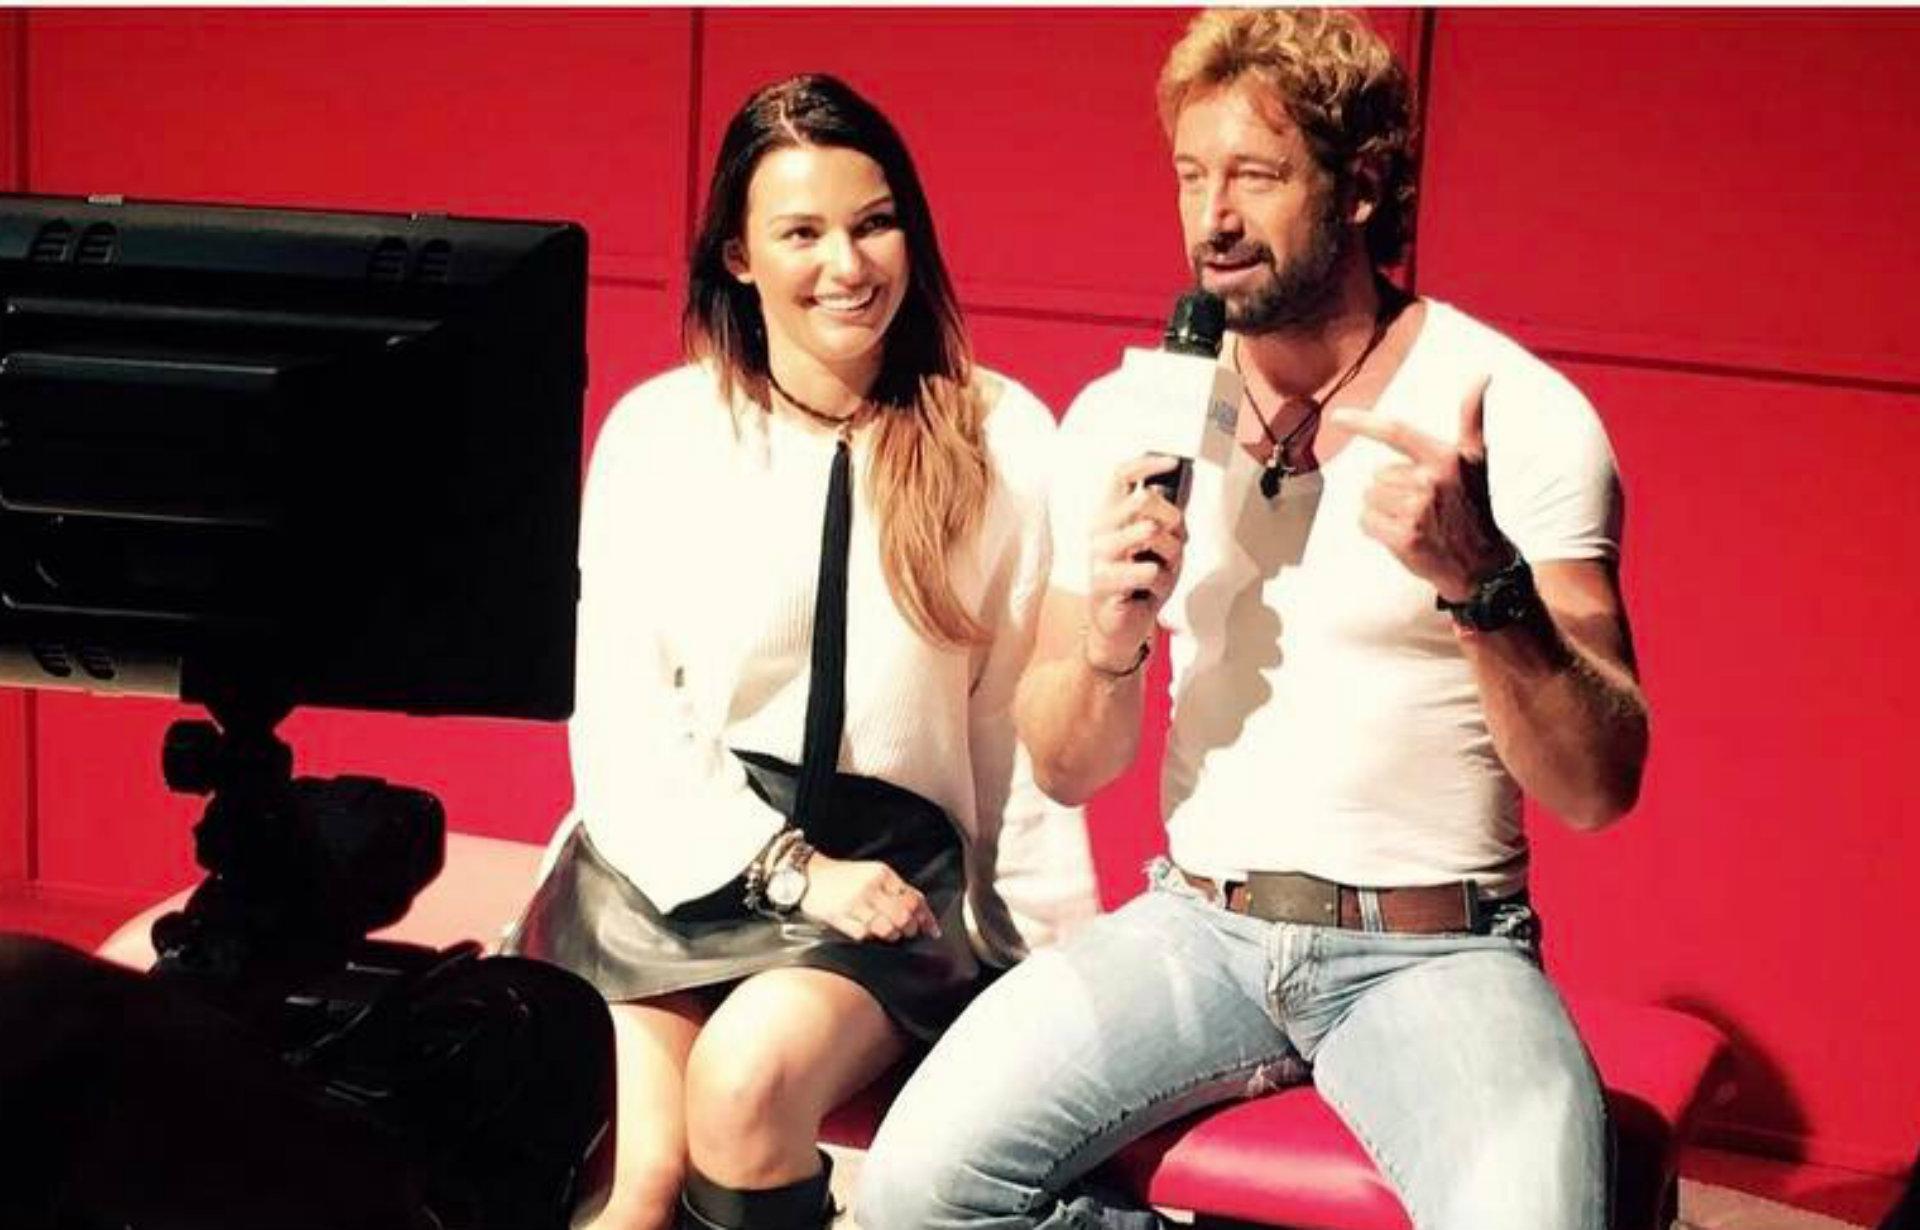 Imagen de mayo de 2017, cuando Irina y Soto protagonizaban una obra de teatro (Instagram)